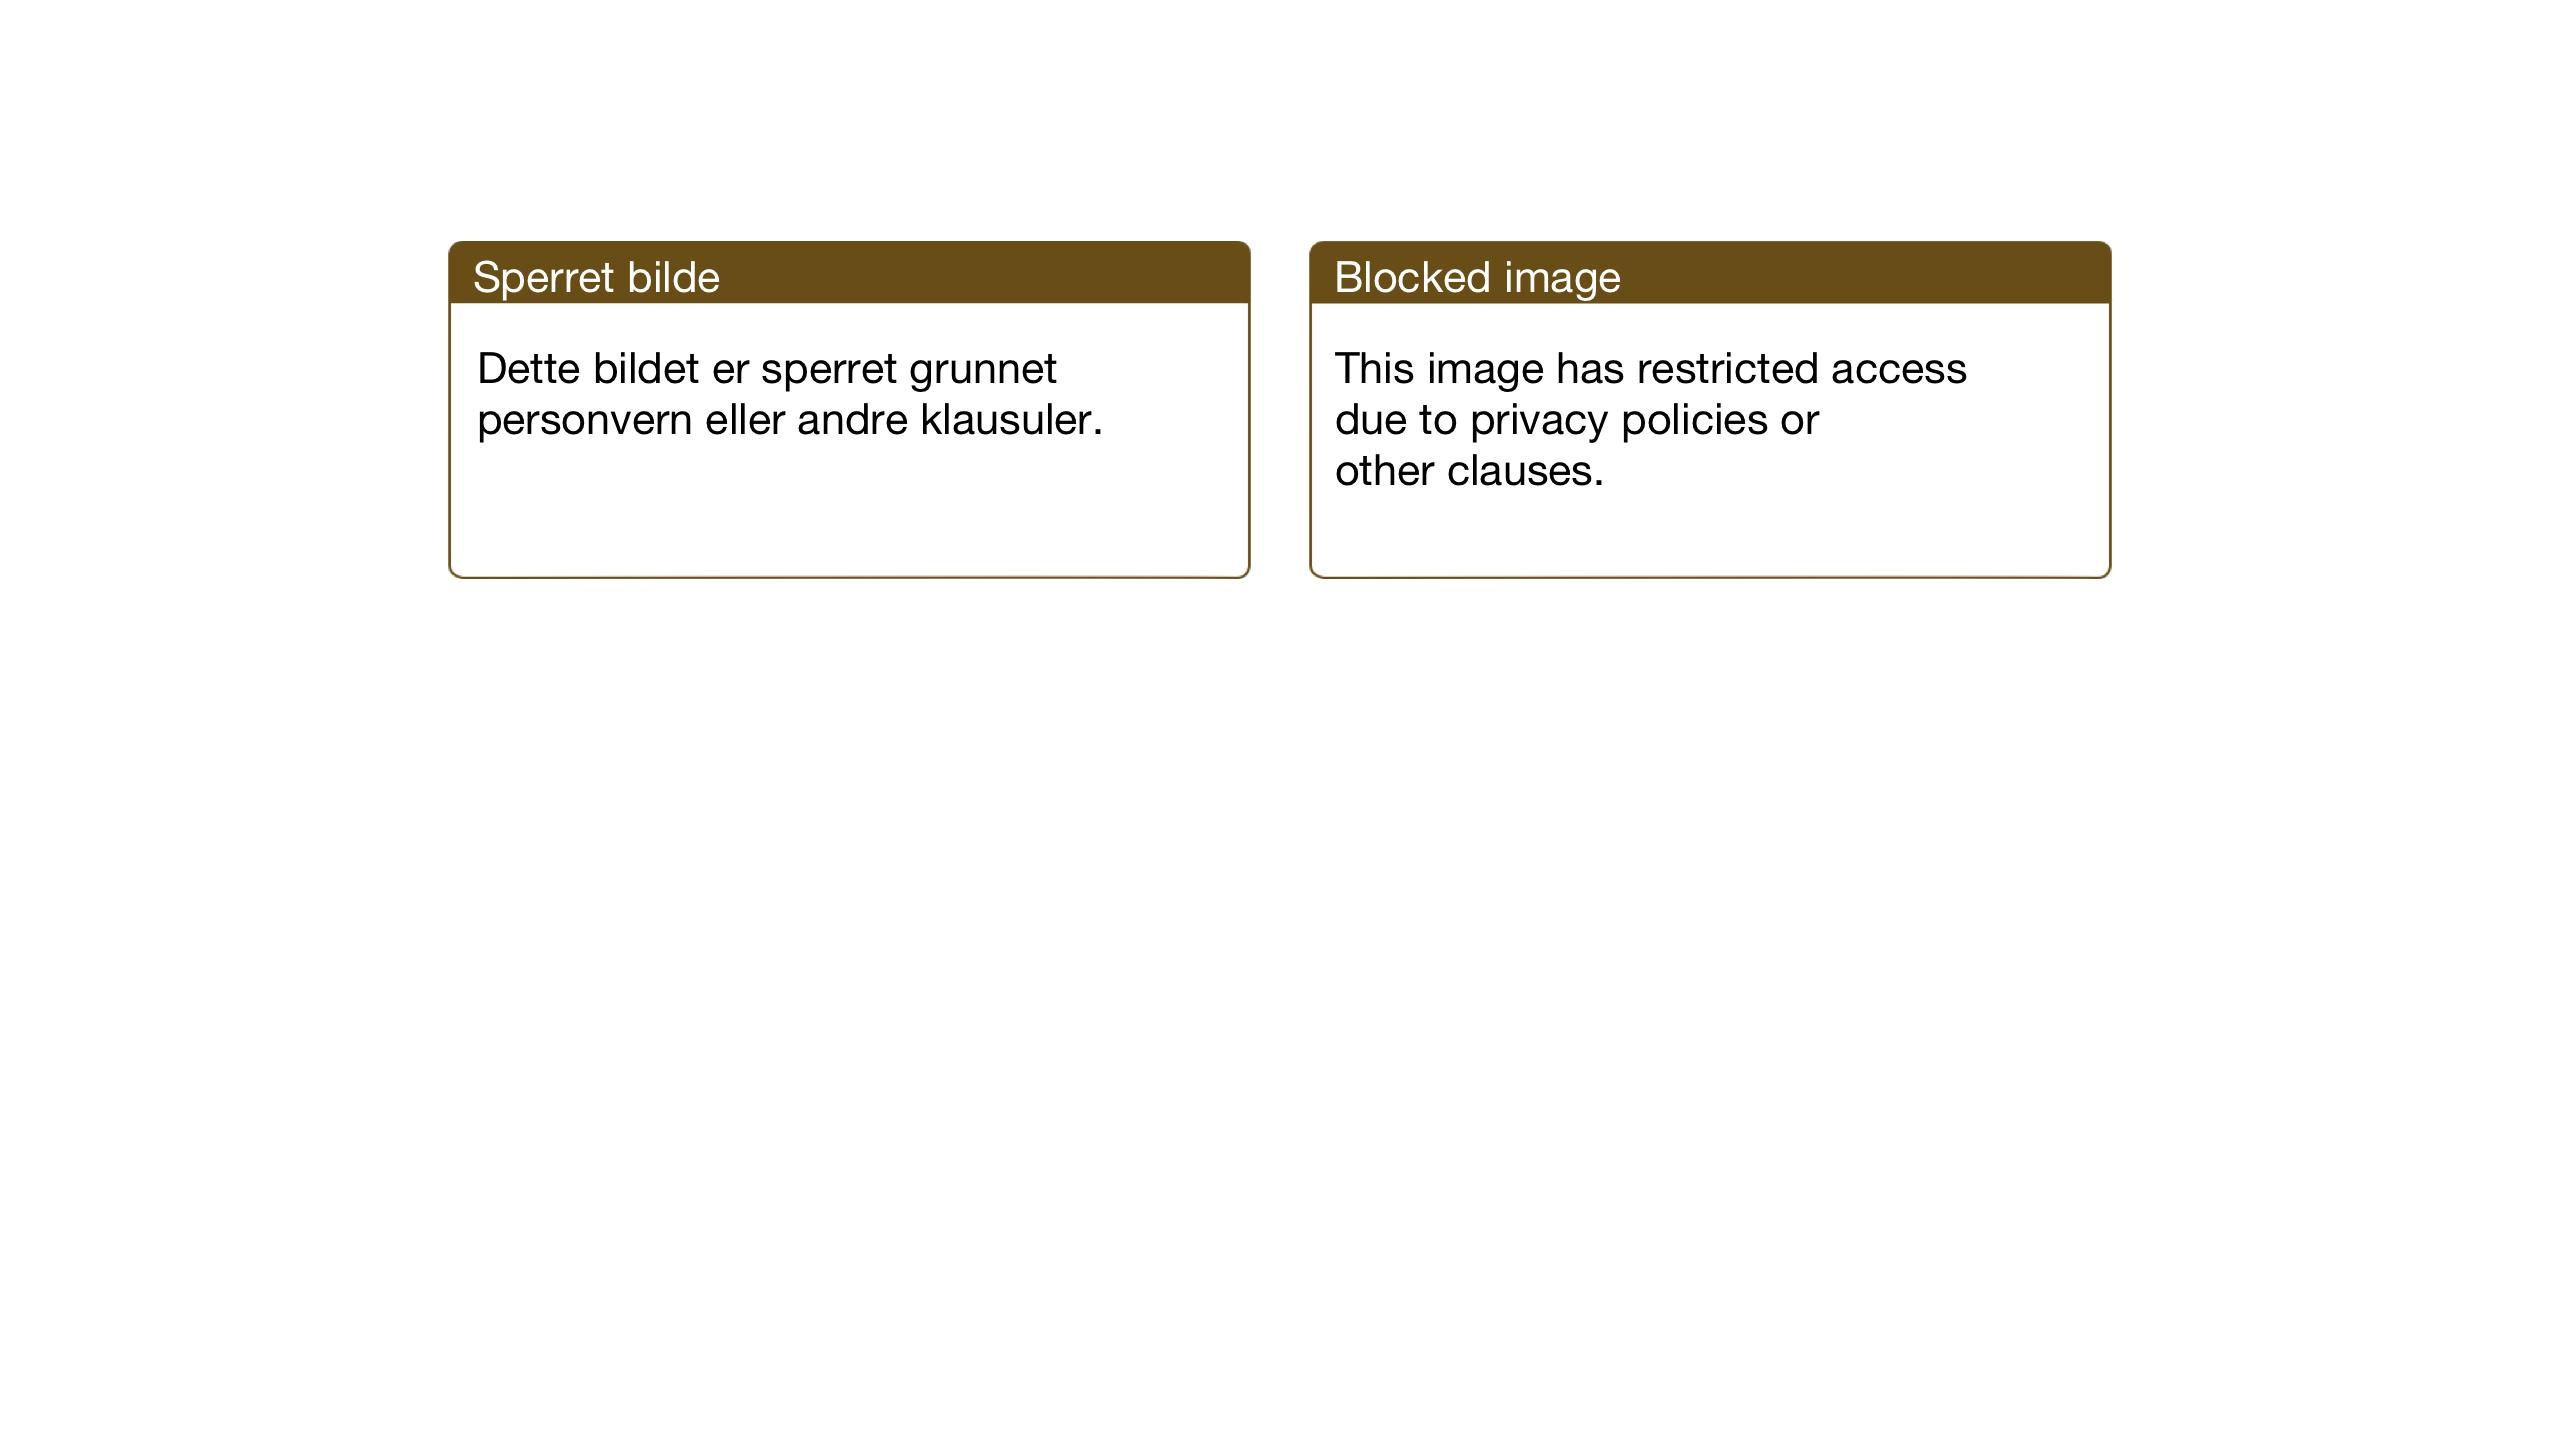 SAT, Ministerialprotokoller, klokkerbøker og fødselsregistre - Sør-Trøndelag, 669/L0832: Klokkerbok nr. 669C02, 1925-1953, s. 101